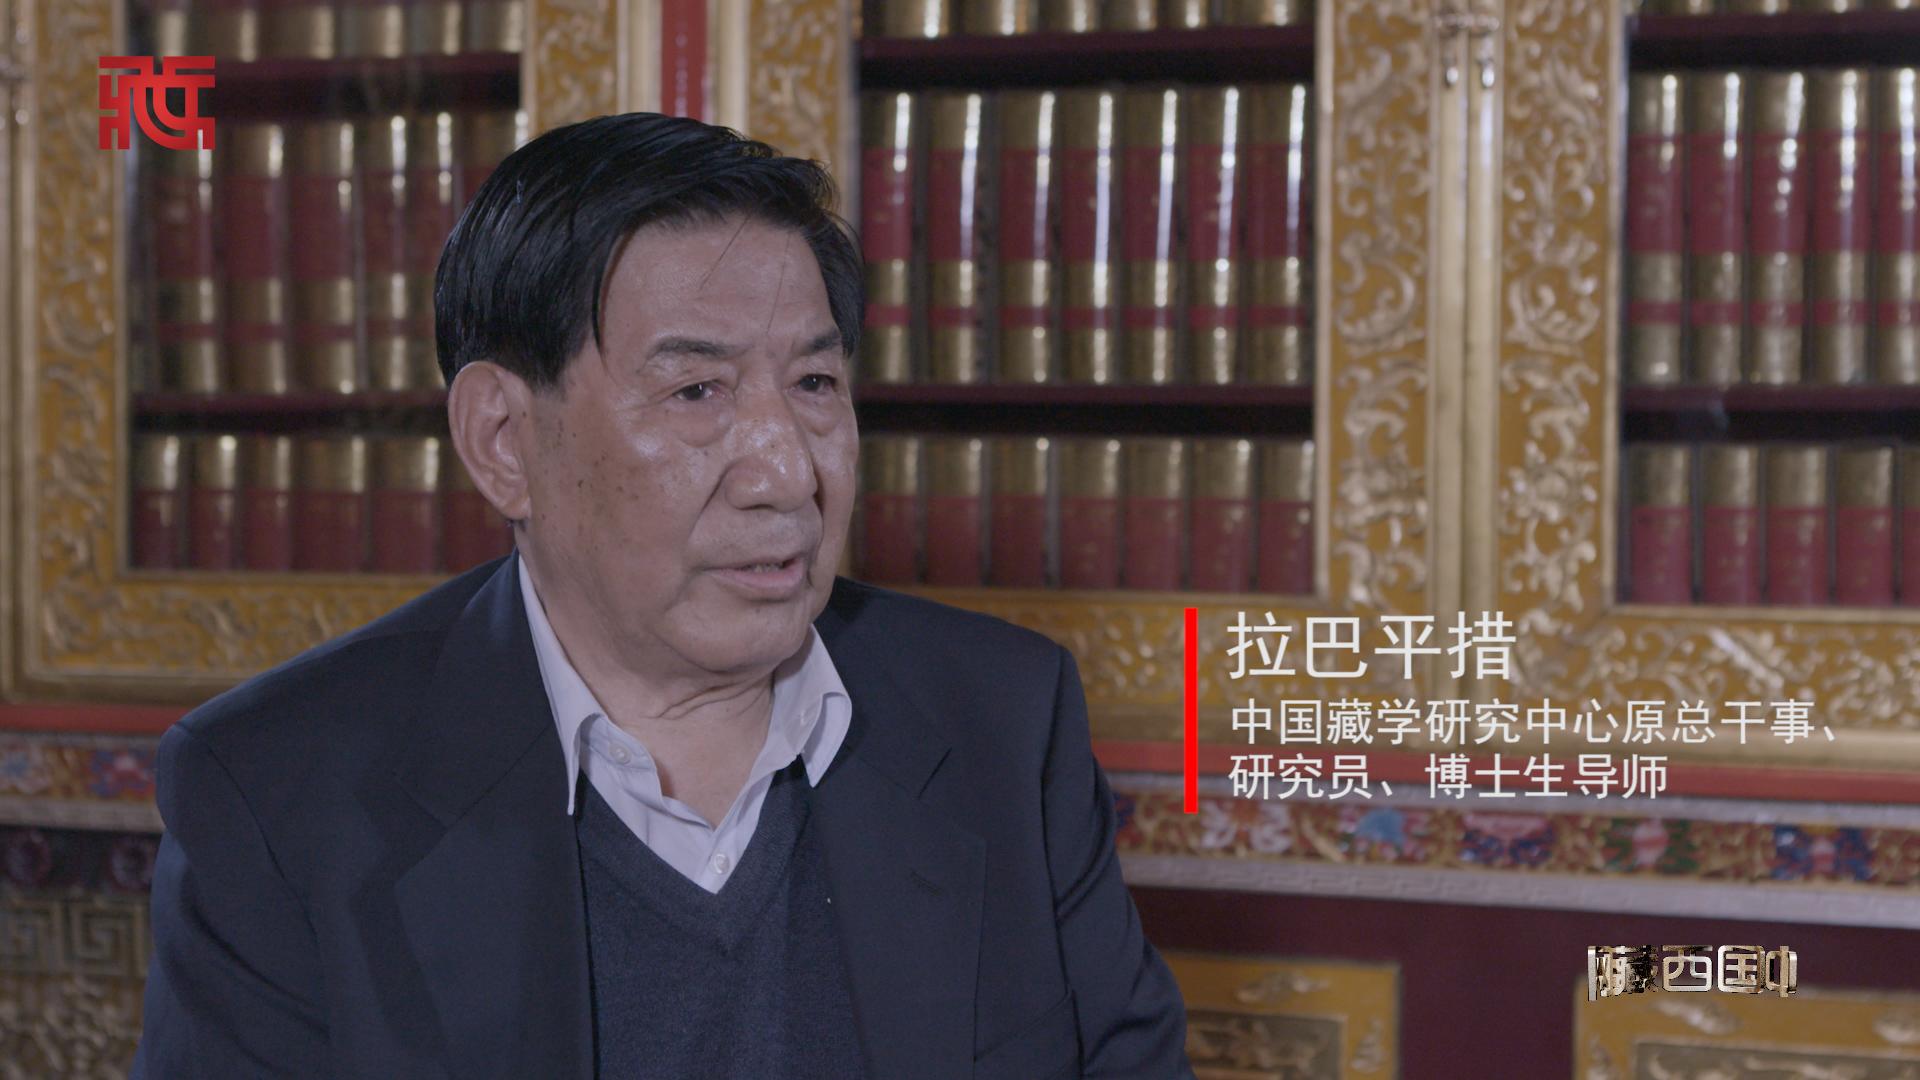 拉巴平措:让档案活起来,展现西藏历史